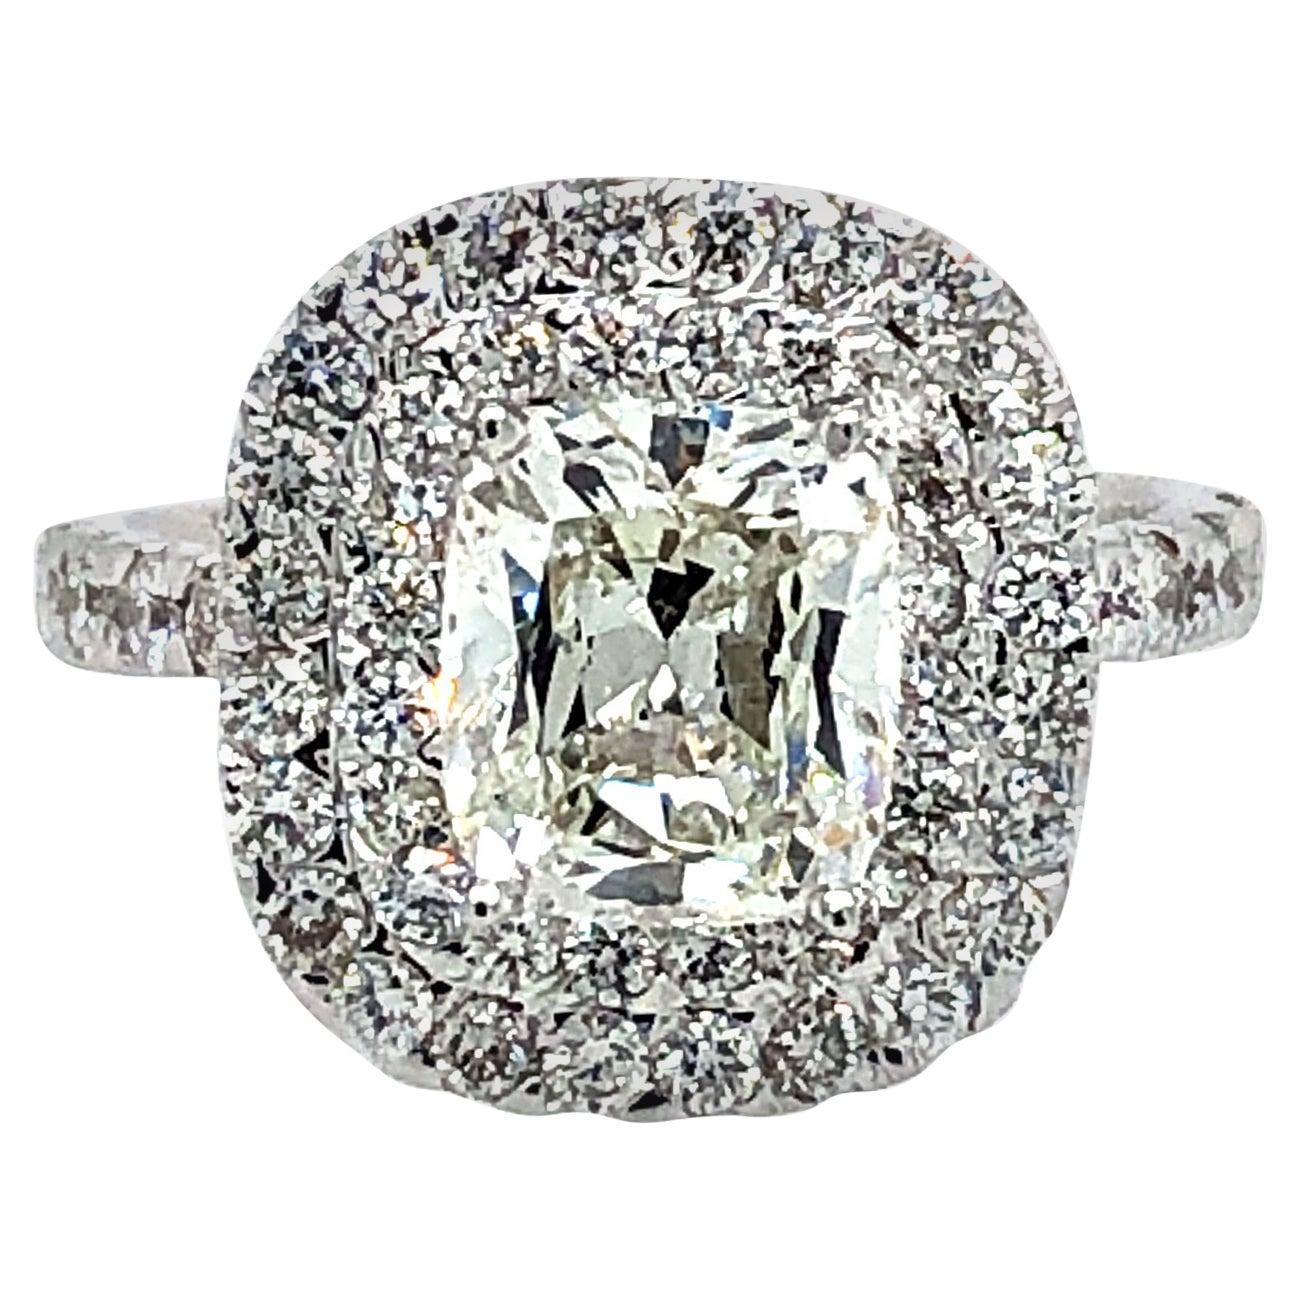 Cushion Cut Diamond GIA 2.16 Carat Engagement Ring